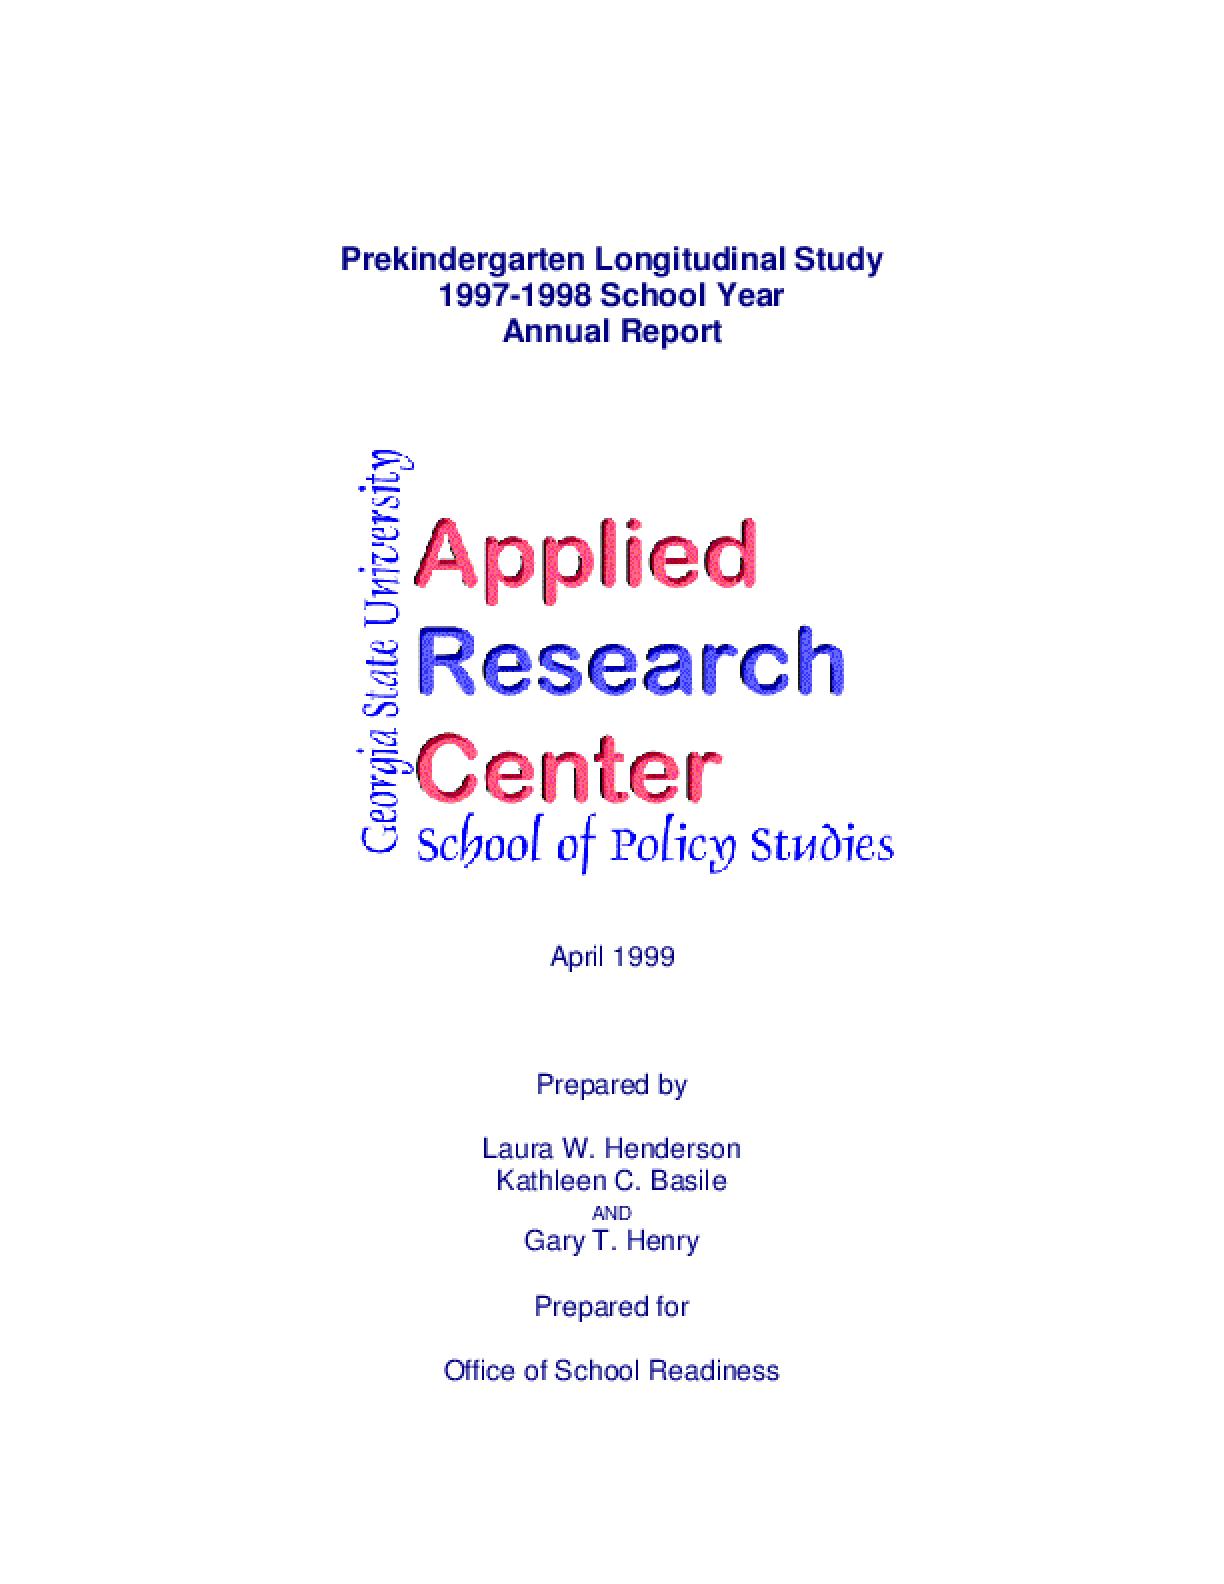 Pre-Kindergarten Longitudinal Study 1997-98 School Year: Report 2